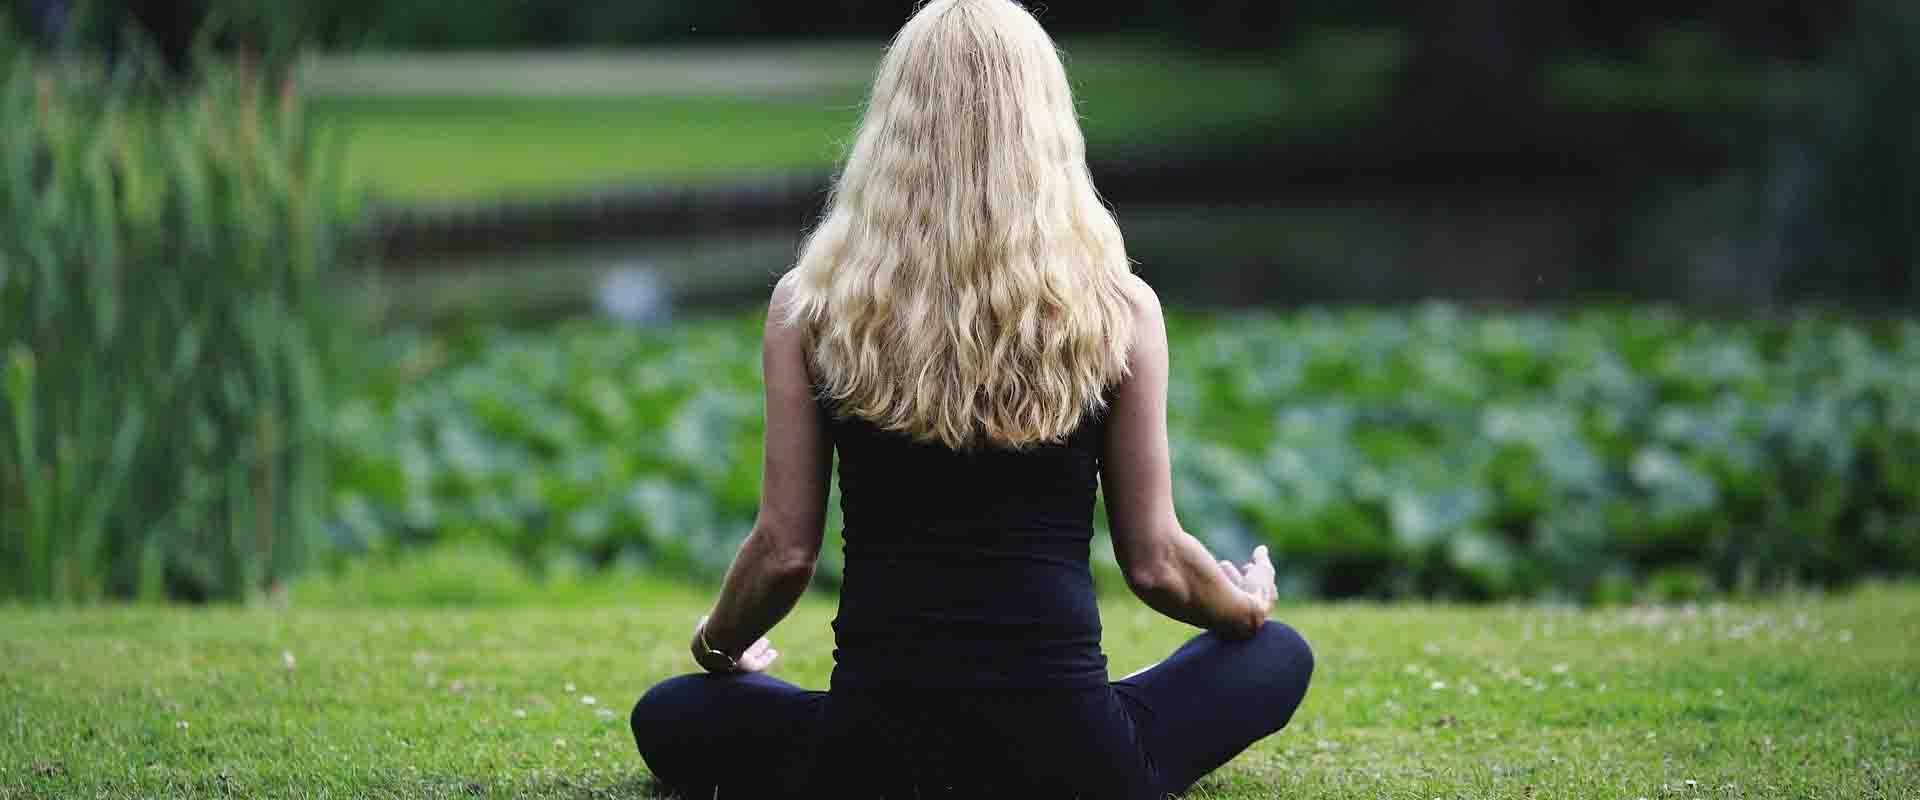 Vacanza olistica ritiro di meditazione massaggio Vipal B&B & Meditation Center Zorba il Buddha Passerano Marmorito (AT)